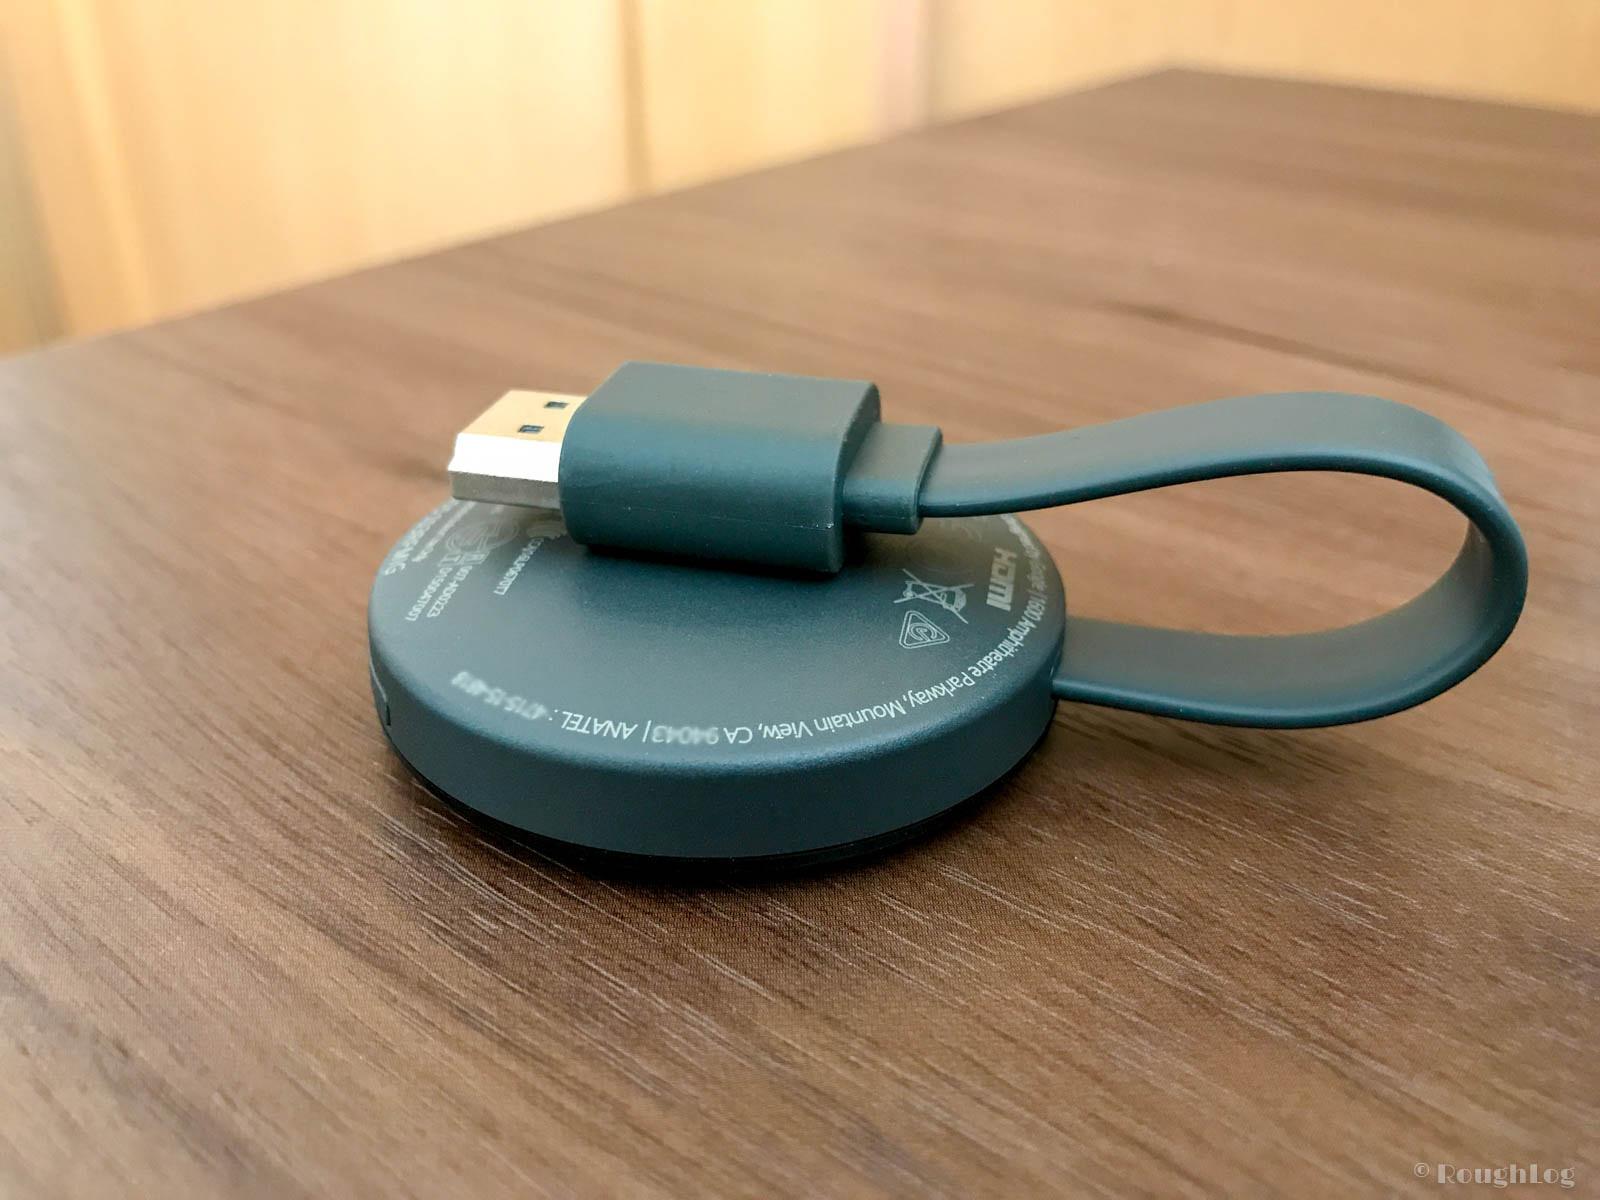 Google Chromecast 収納時はケーブルを折り曲げる